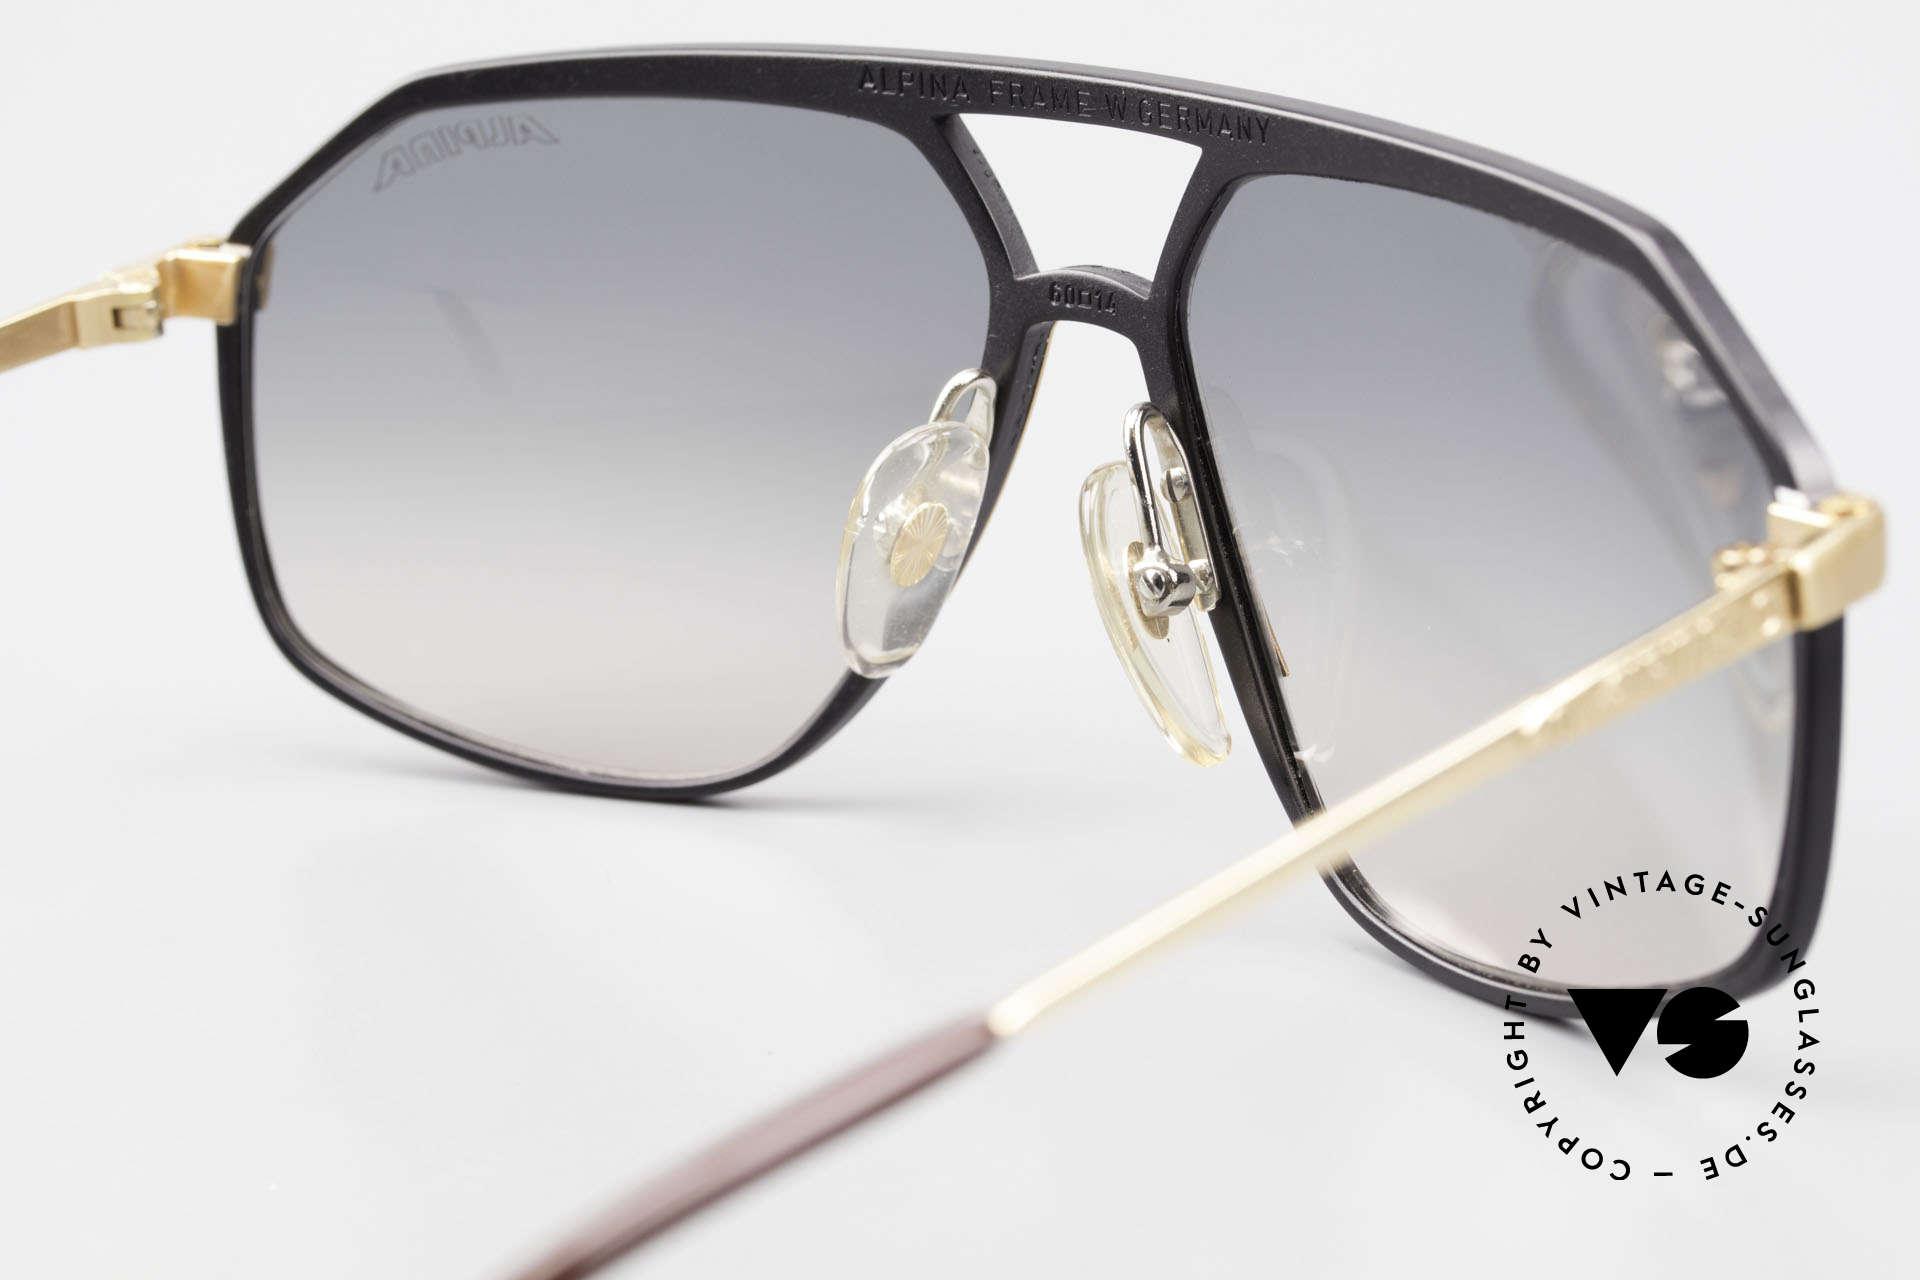 Alpina M6 True Vintage Sonnenbrille 80er, ein absolutes Sammlerstück, da echte vintage Rarität, Passend für Herren und Damen